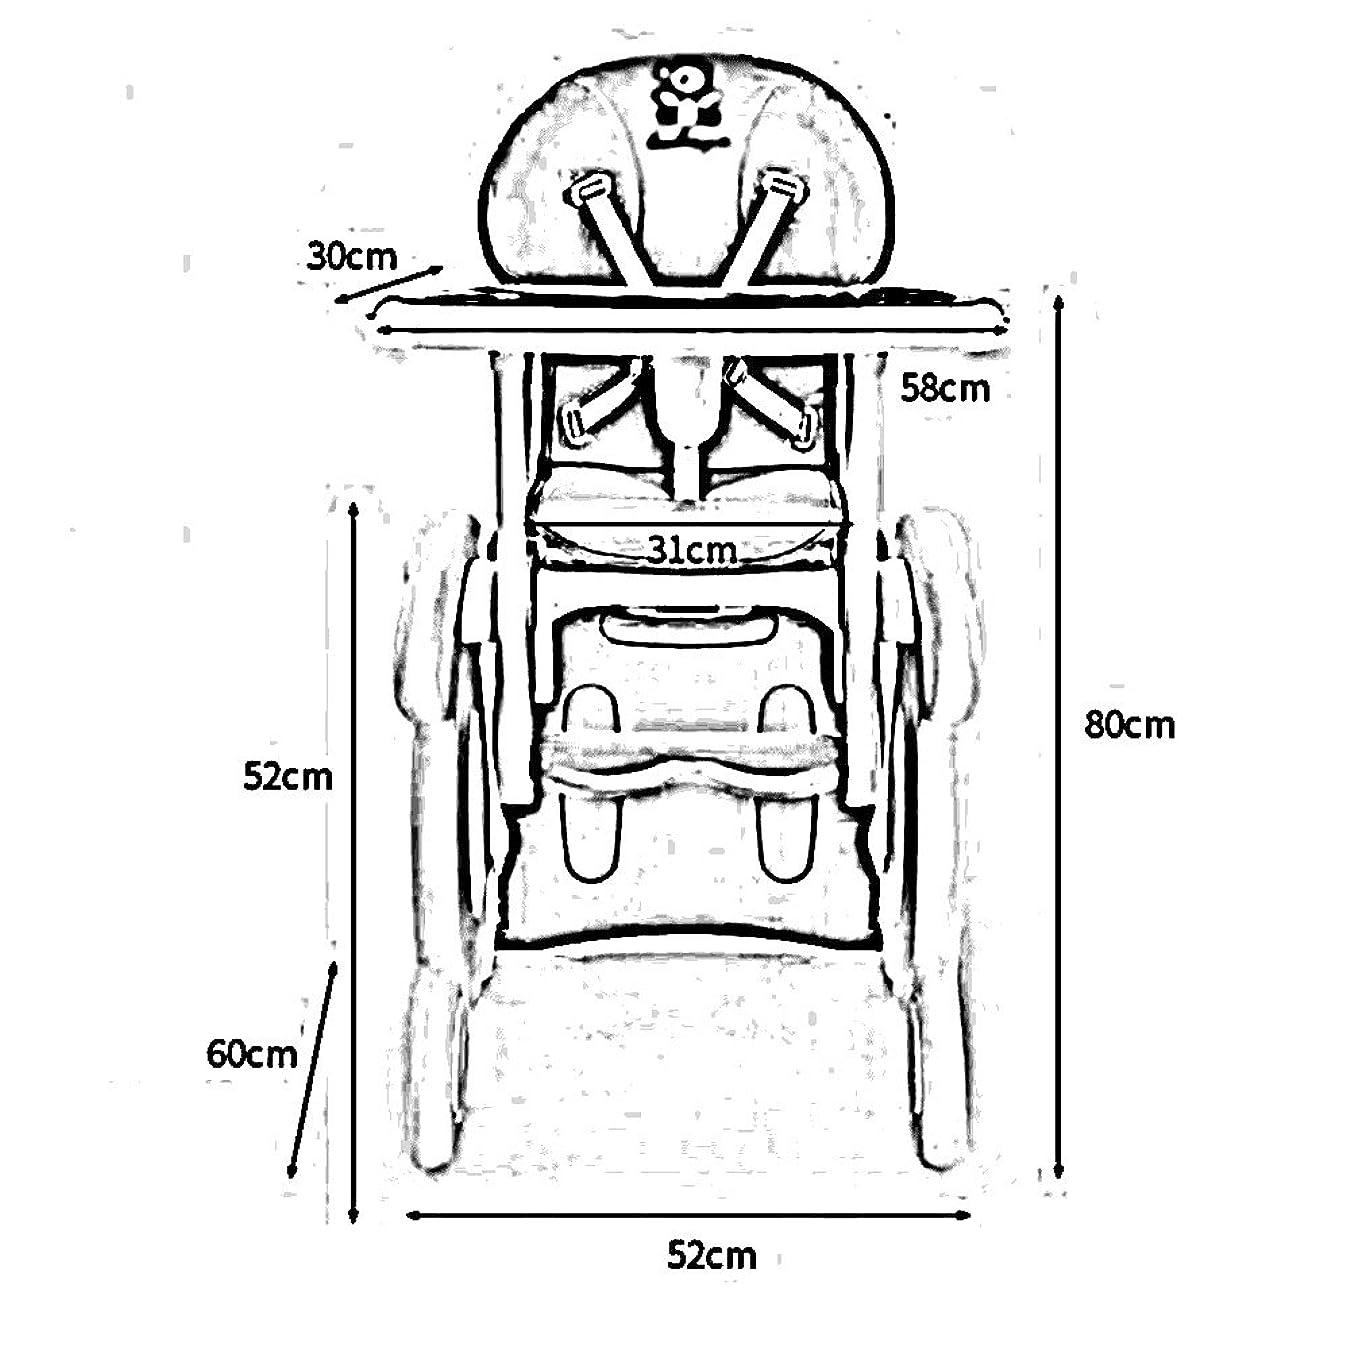 アイデア反射堤防Hong Tai Yang 子供の椅子 - 多機能ベビーダイニングチェアモジュラー子供のダイニングチェアプラスチック製の椅子(サイズ80X52CM) ** (色 : Noble meters)